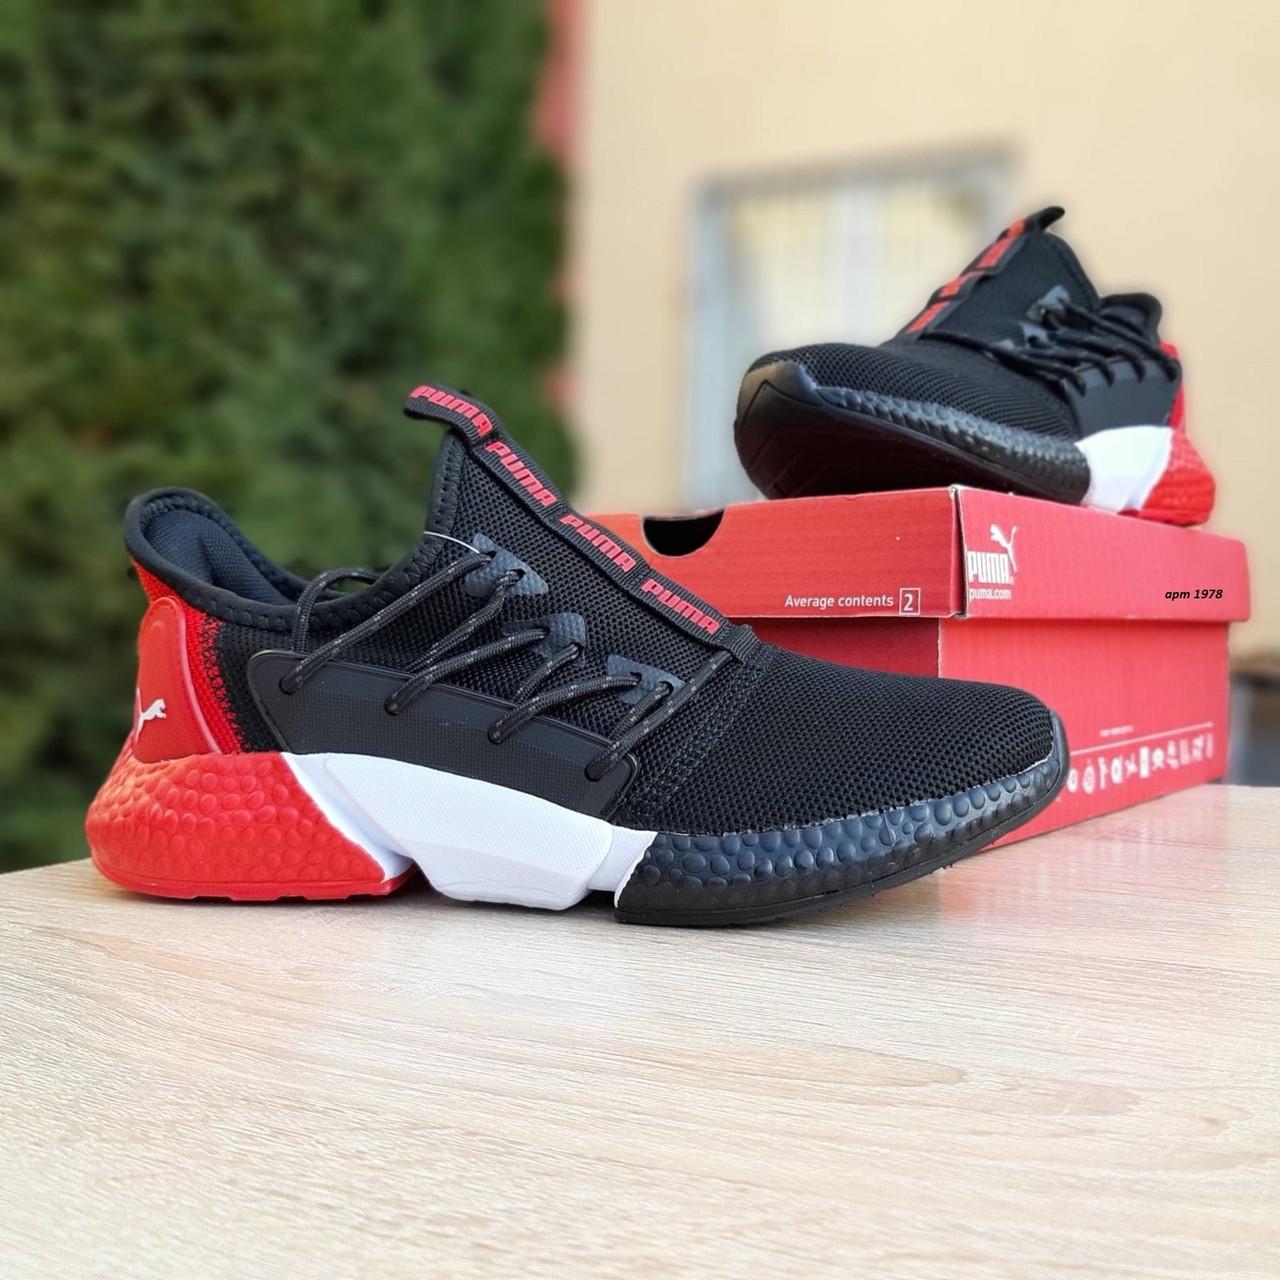 Кросівки чоловічі розпродаж АКЦІЯ 750 грн Рима42й(26.5 см) останні розміри люкс копія